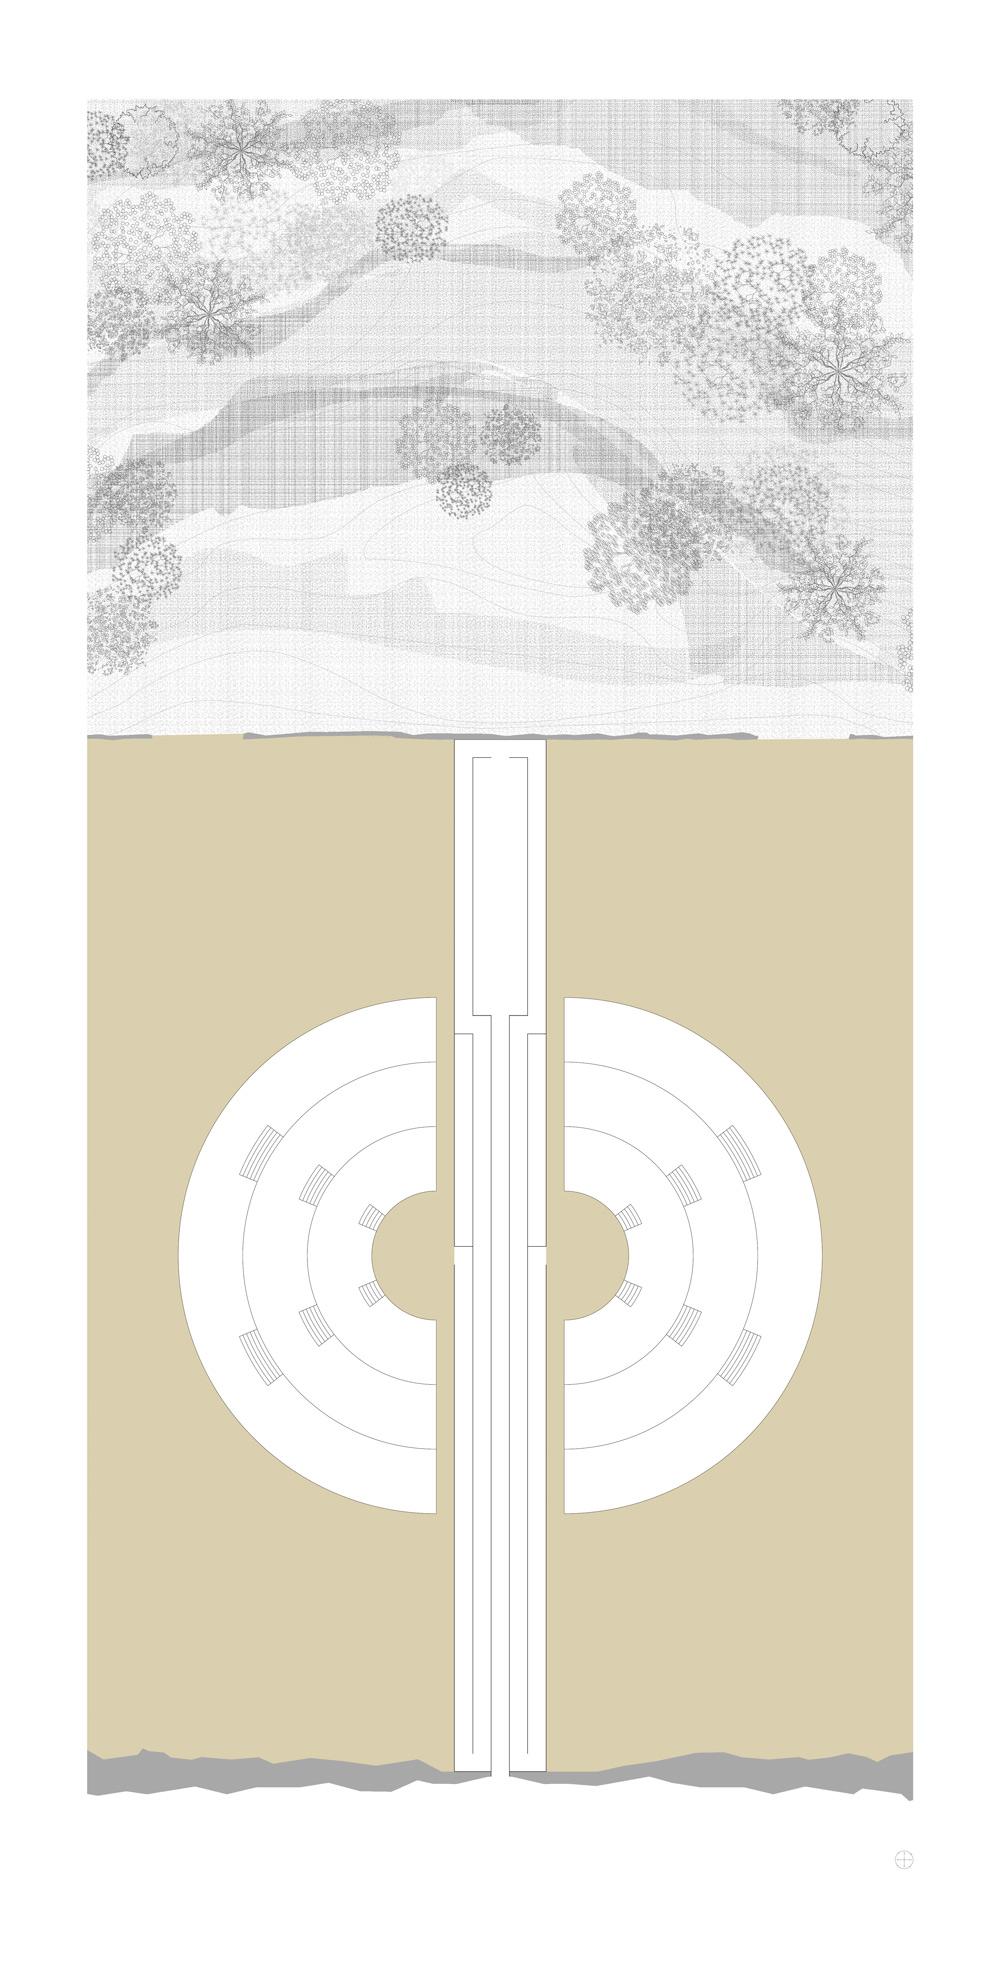 Wandfries Triptichon Raumversuch Nummer Sechs